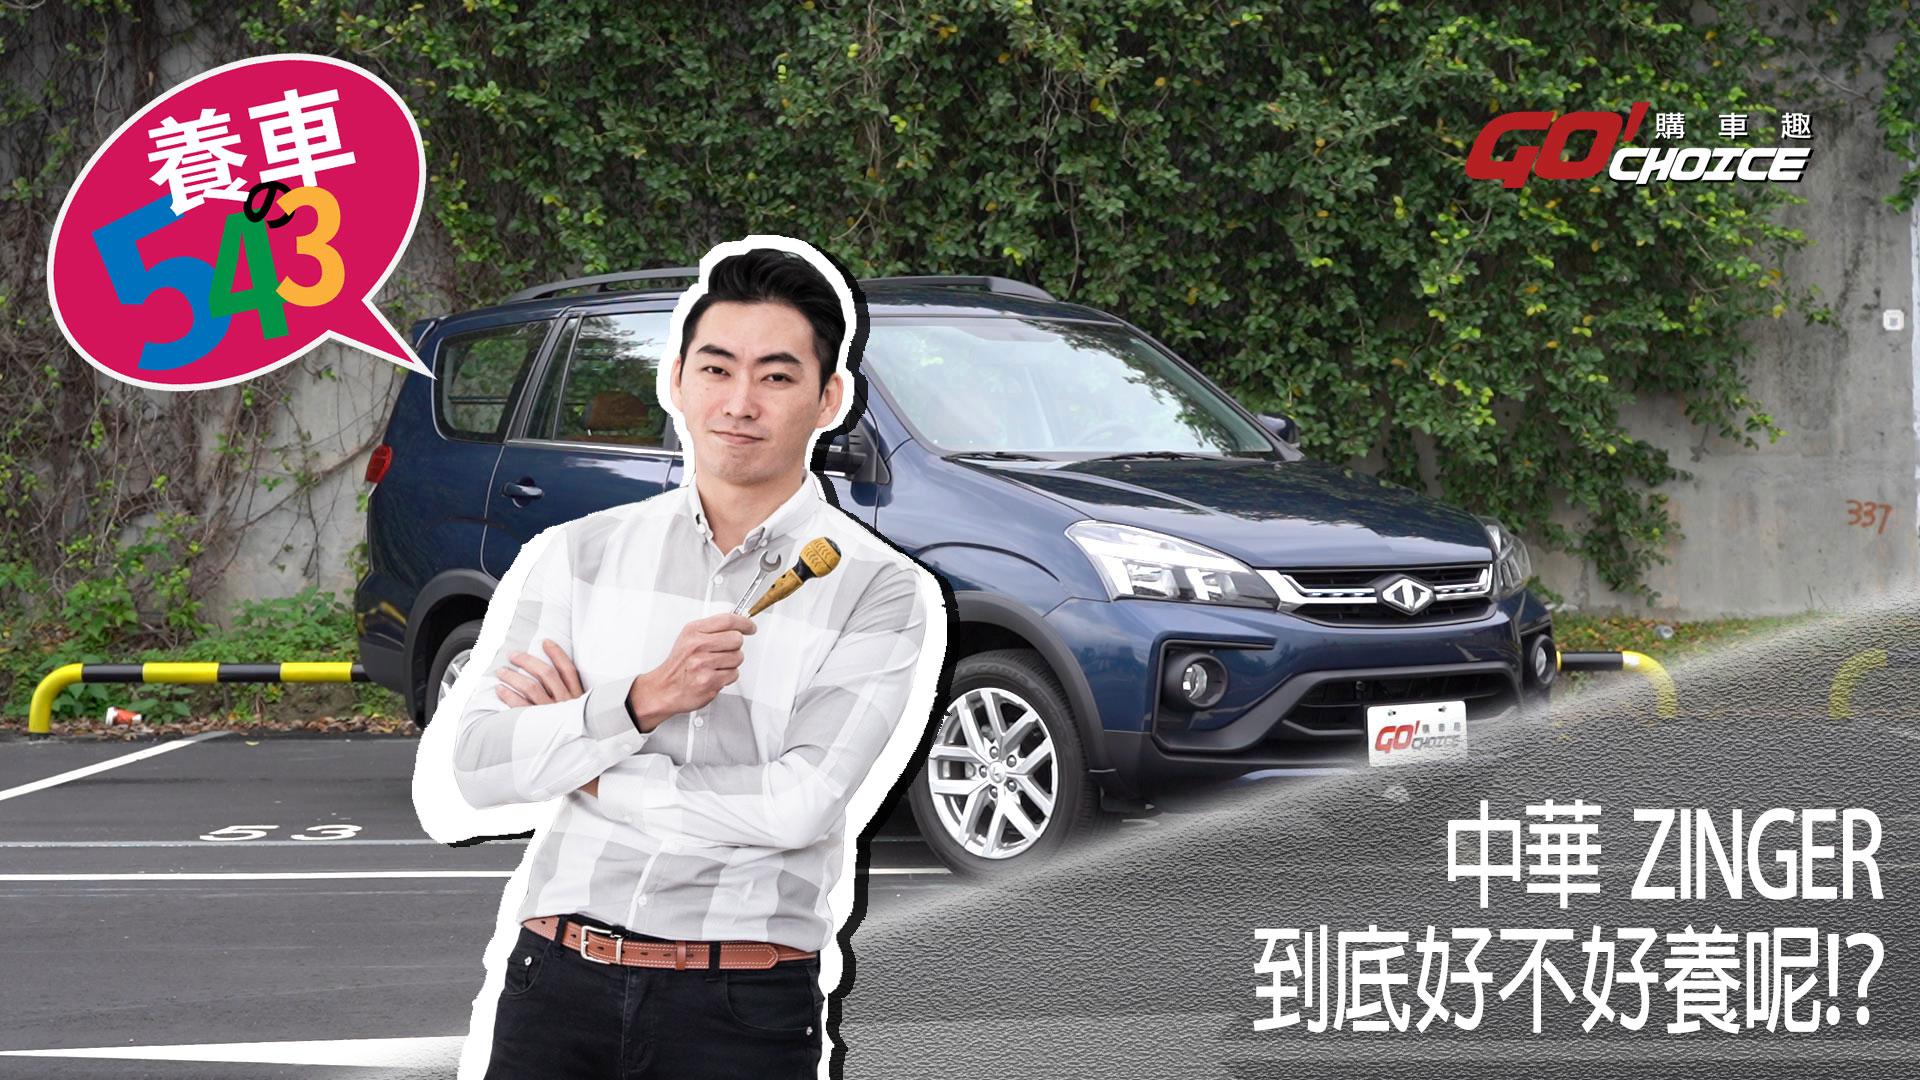 養車543-中華 ZINGER 旗艦型(第十六集)